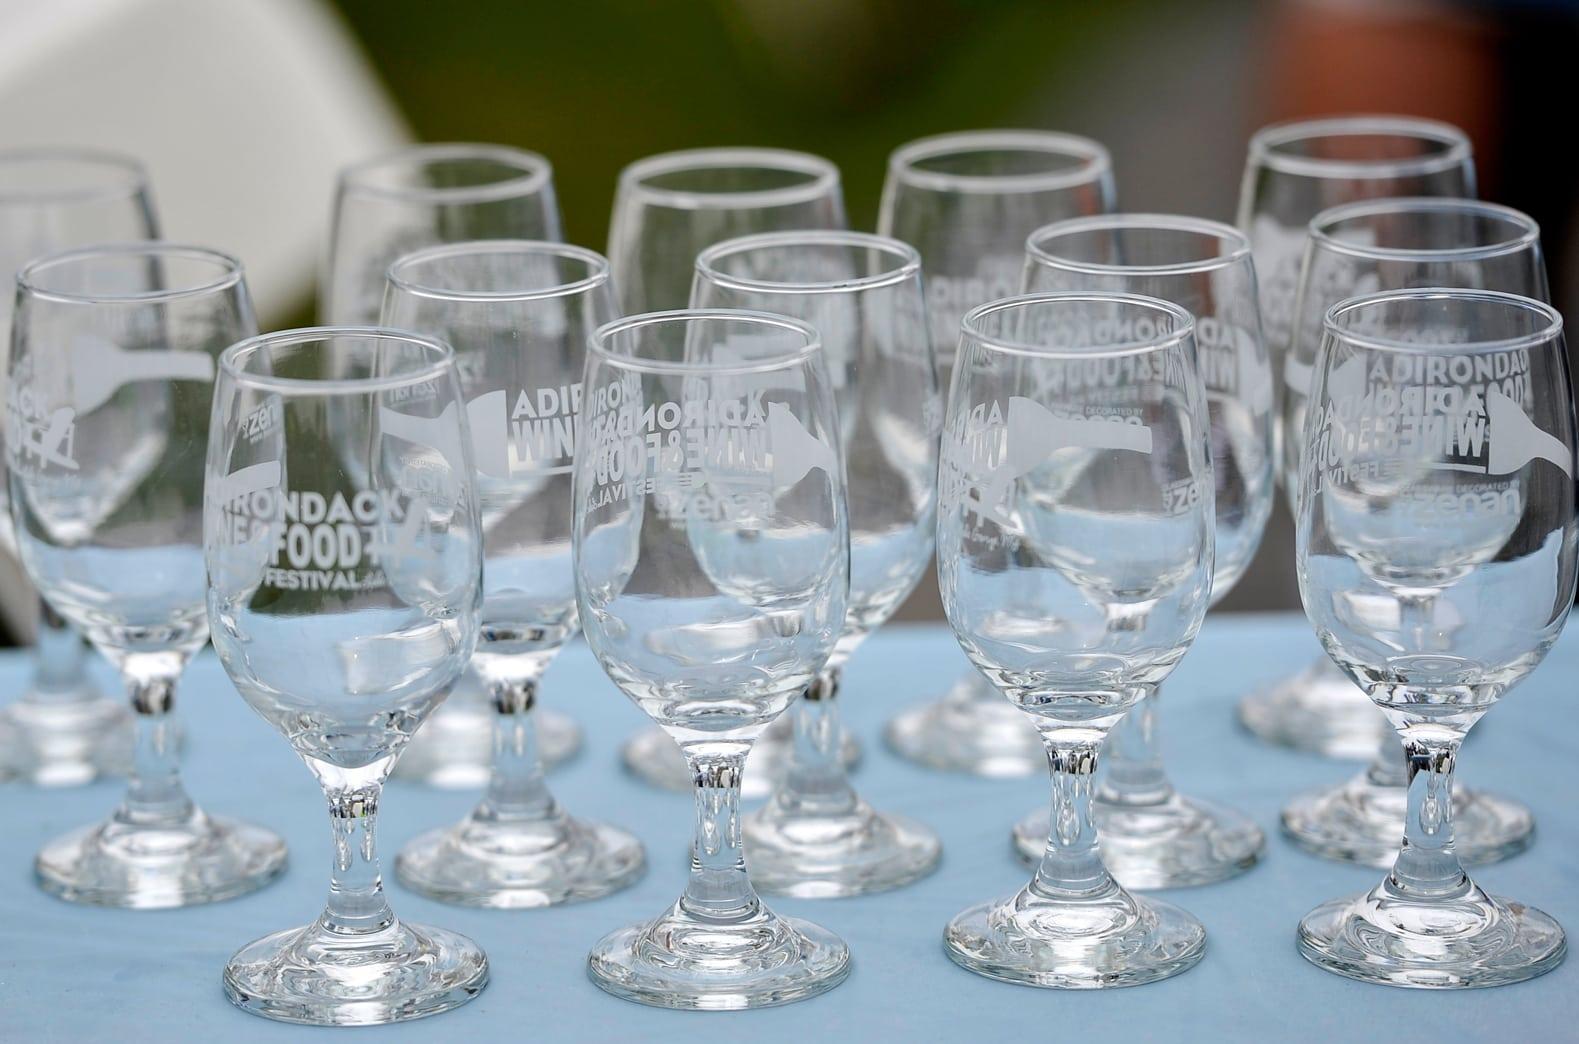 festival-glasses-close